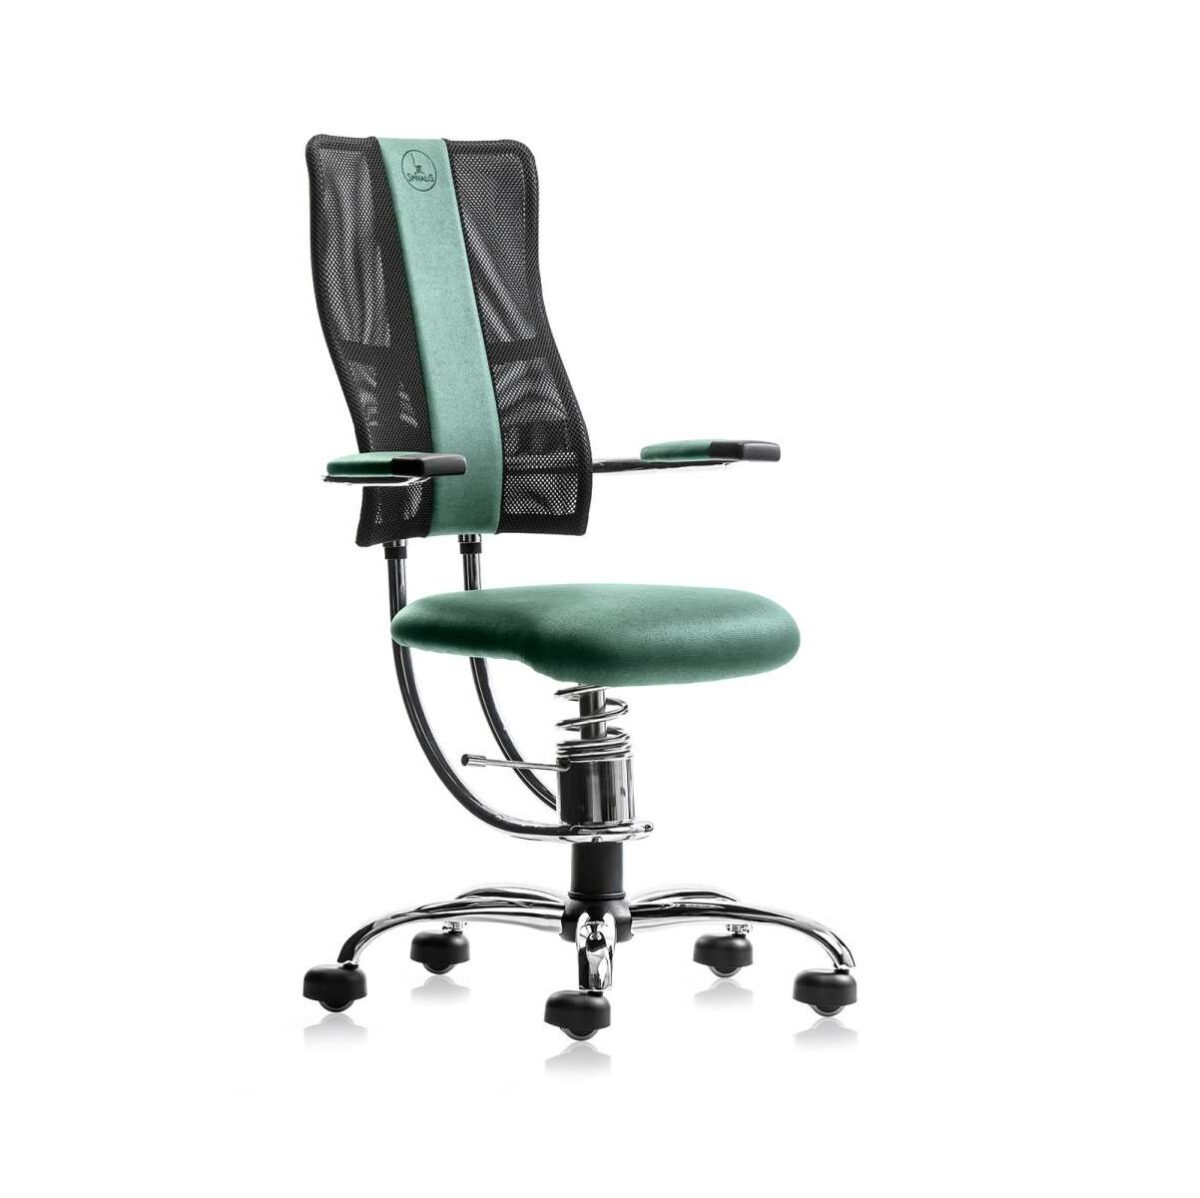 scaun ergonomic verde